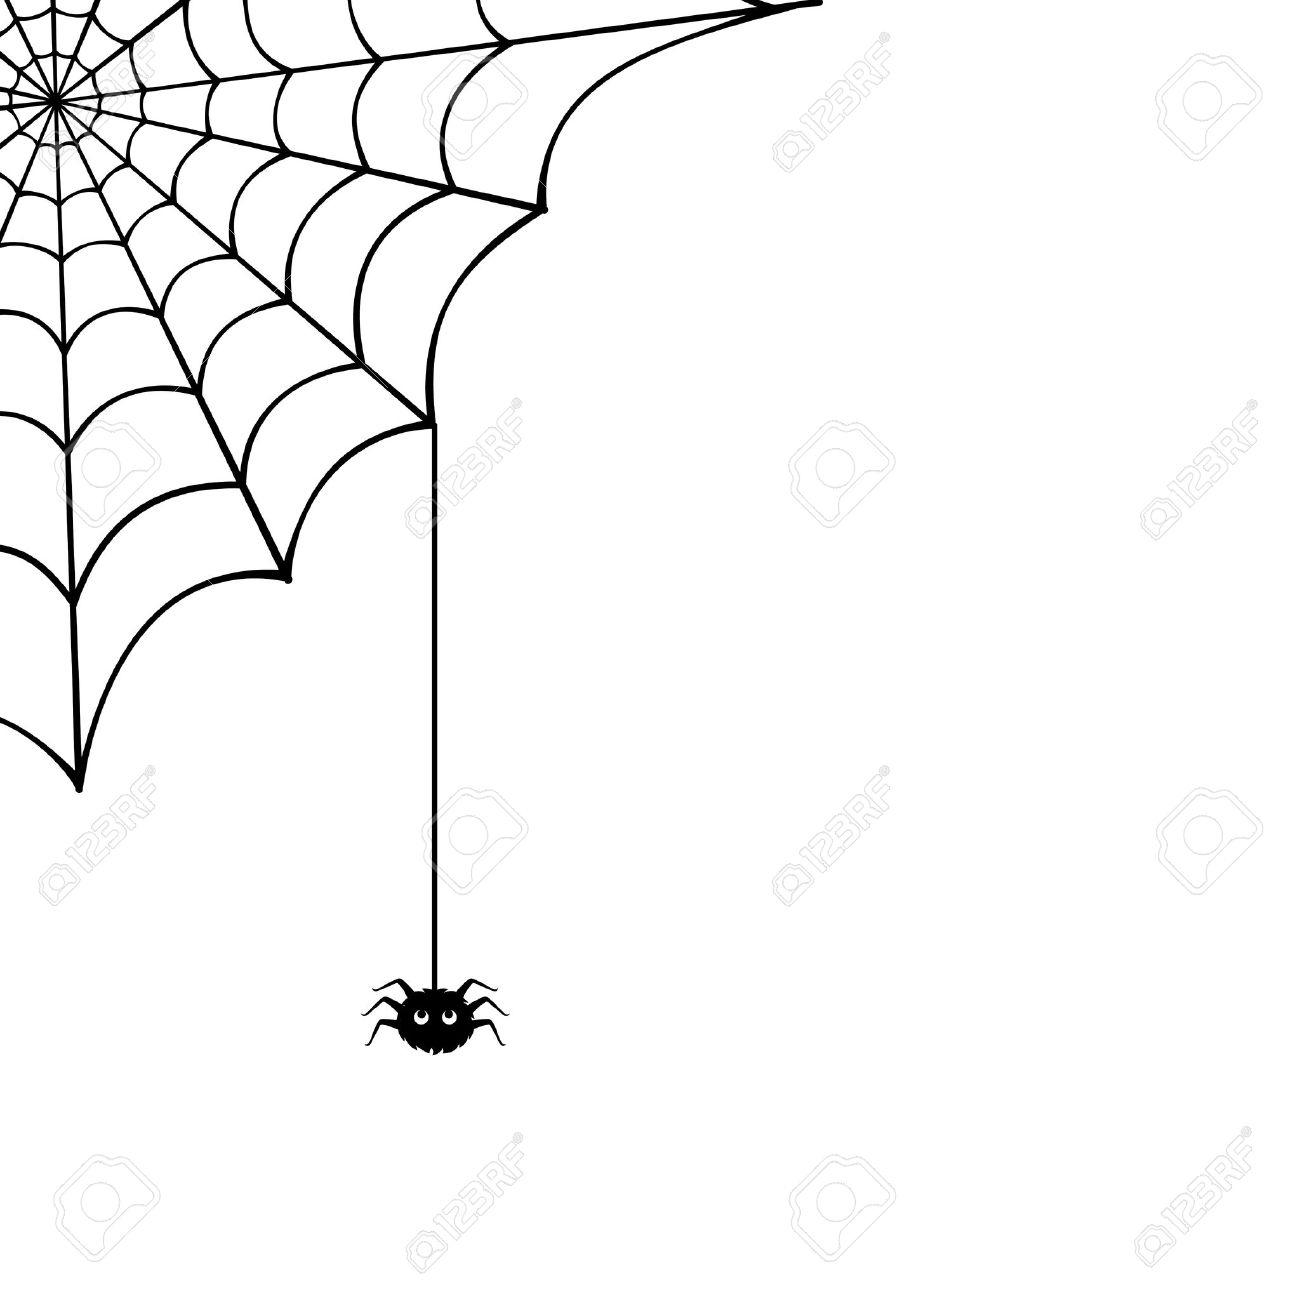 Toile D'araignée Et Araignée Illustration destiné Dessin Toile Araignée